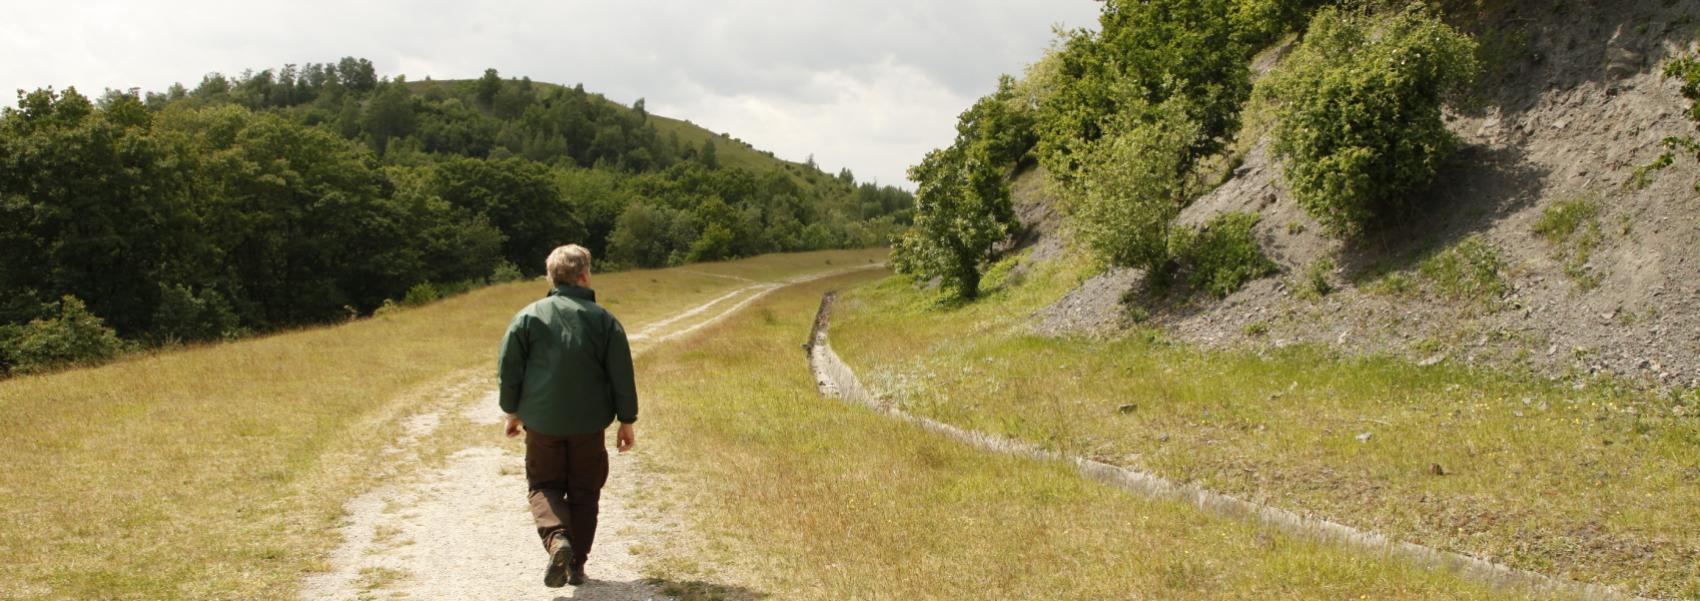 wandelaar langs de flank van de terril